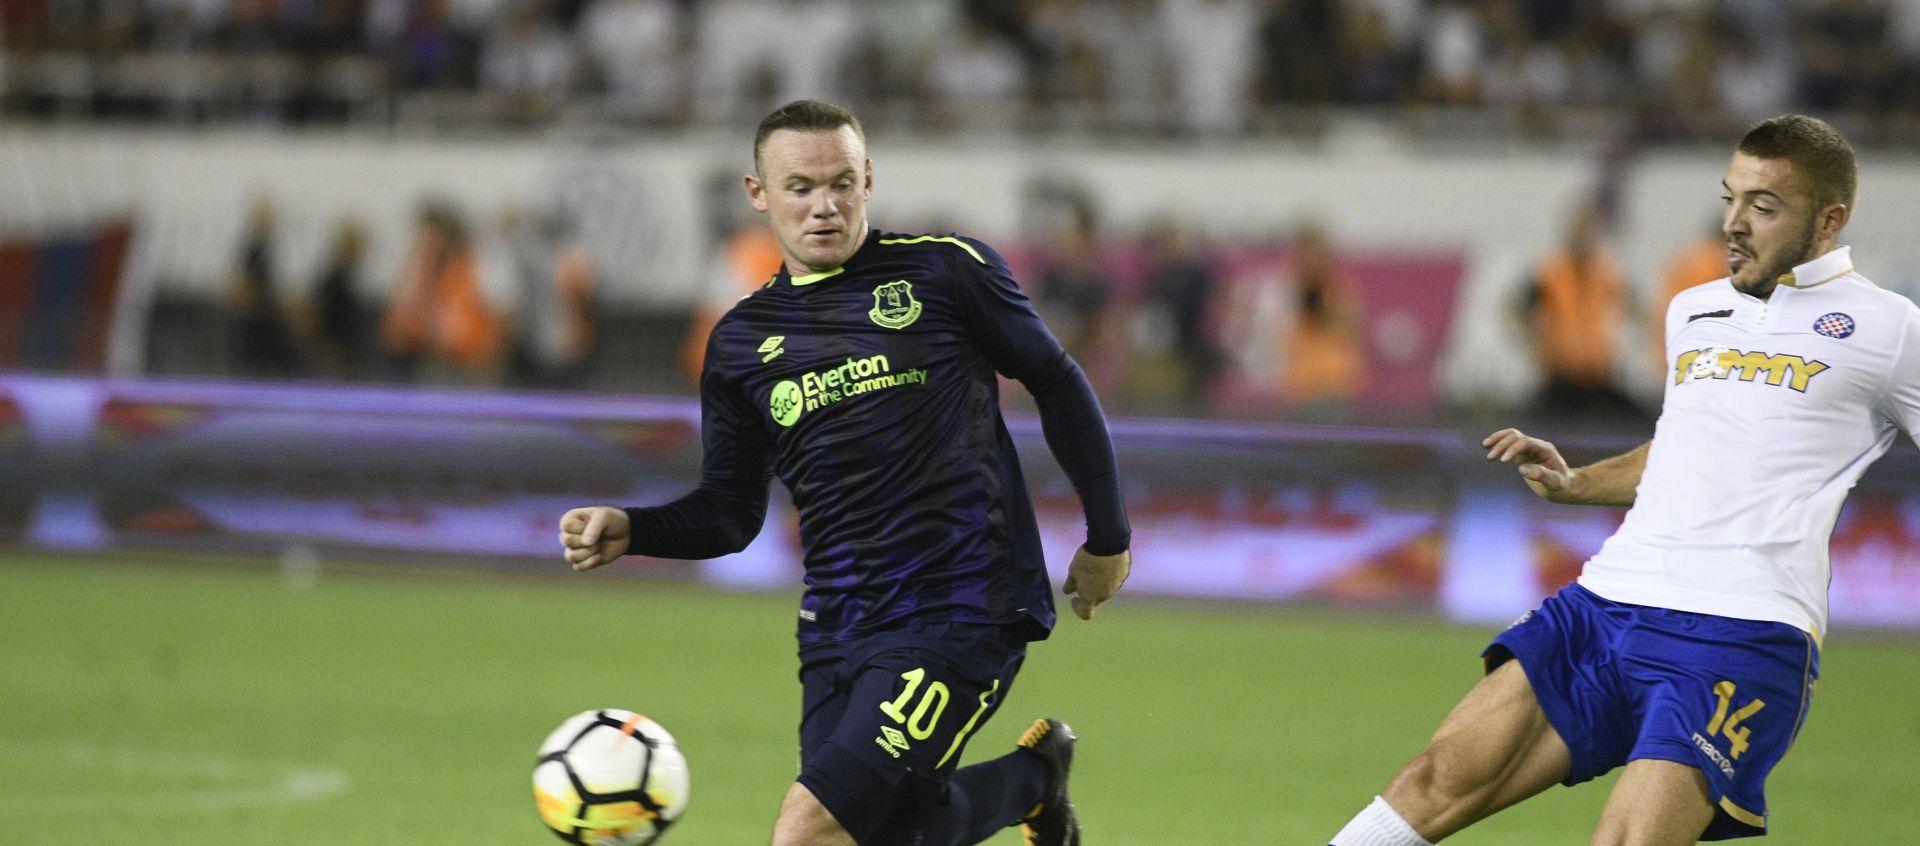 VOŽNJA U PIJANOM STANJU Rooney priznao krivnju, ostao bez vozačke na dvije godine